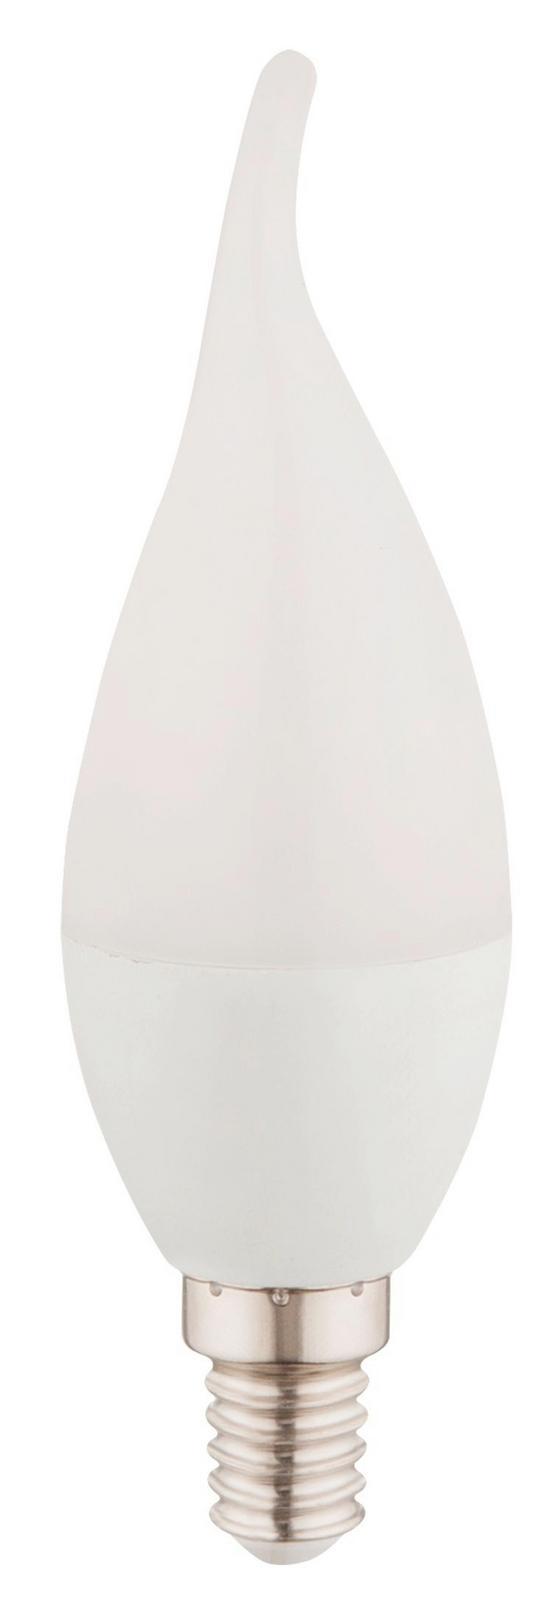 Led Žárovka 10604w-2 - opál, kov/umělá hmota (3,7/12,3cm)